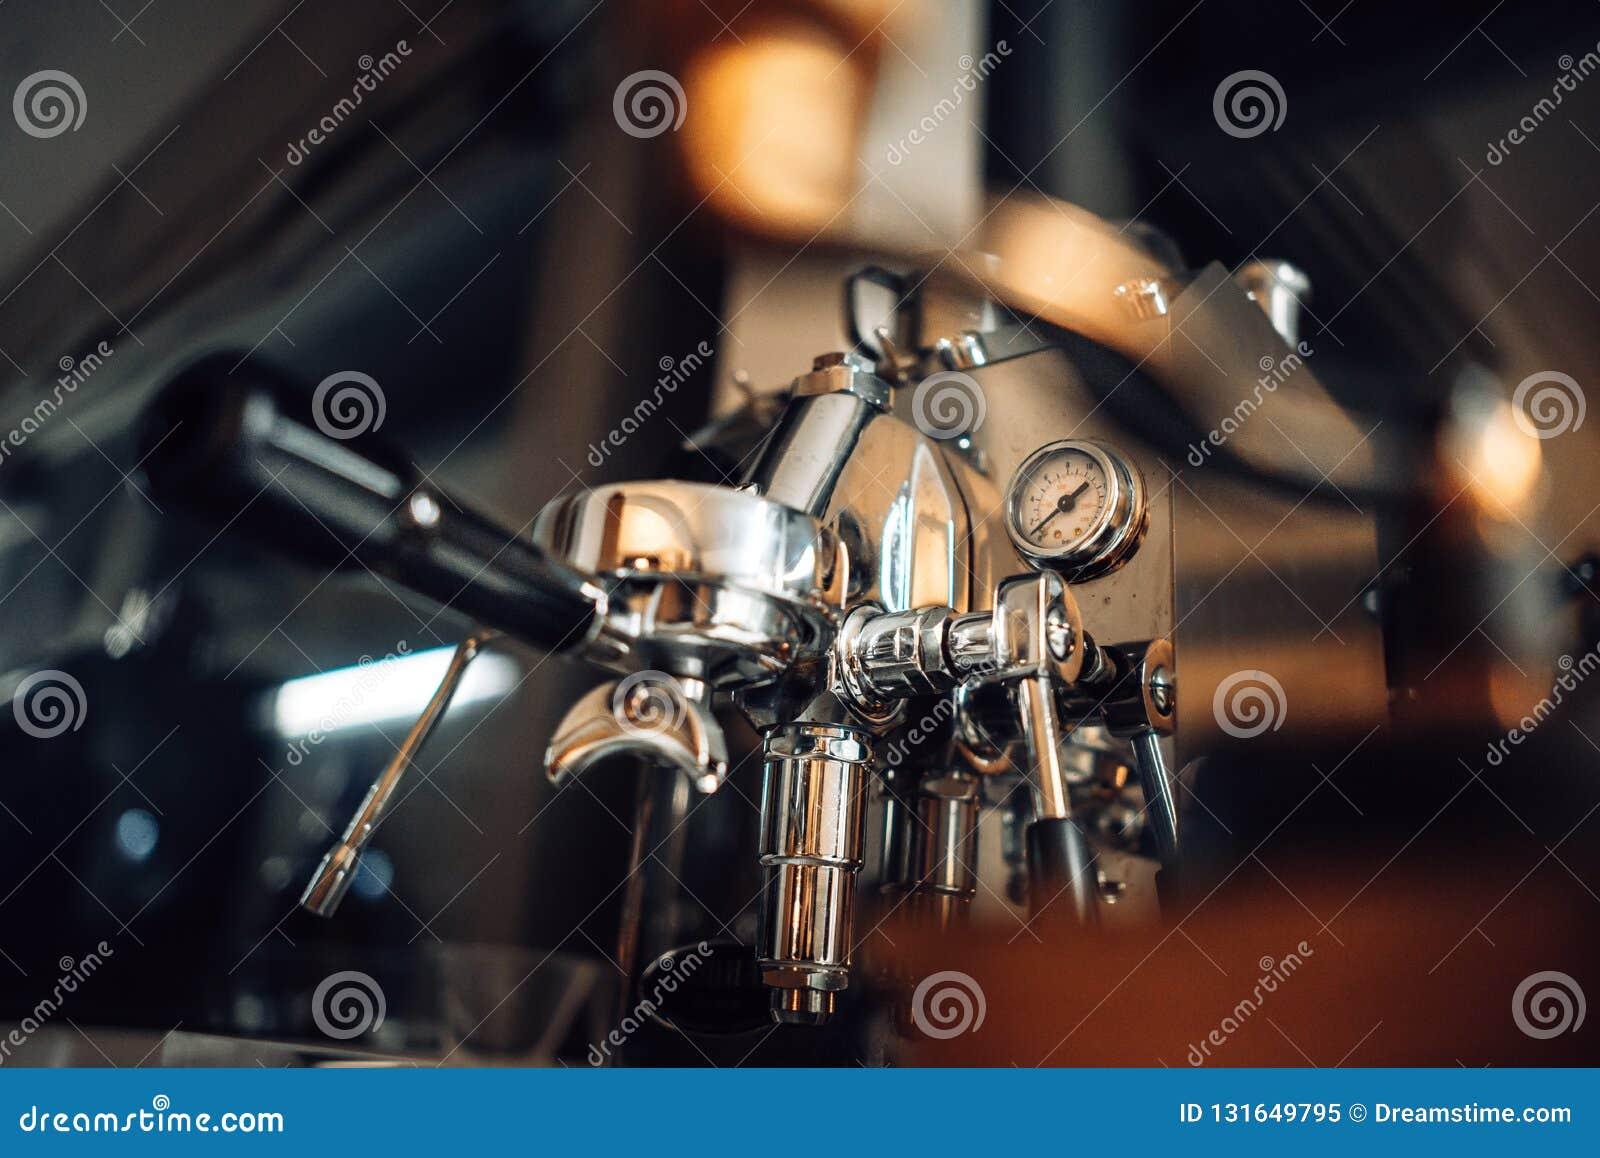 Fabricant Italien De Cuisine groupe de la machine e61 de fabricant de café de vue d'angle